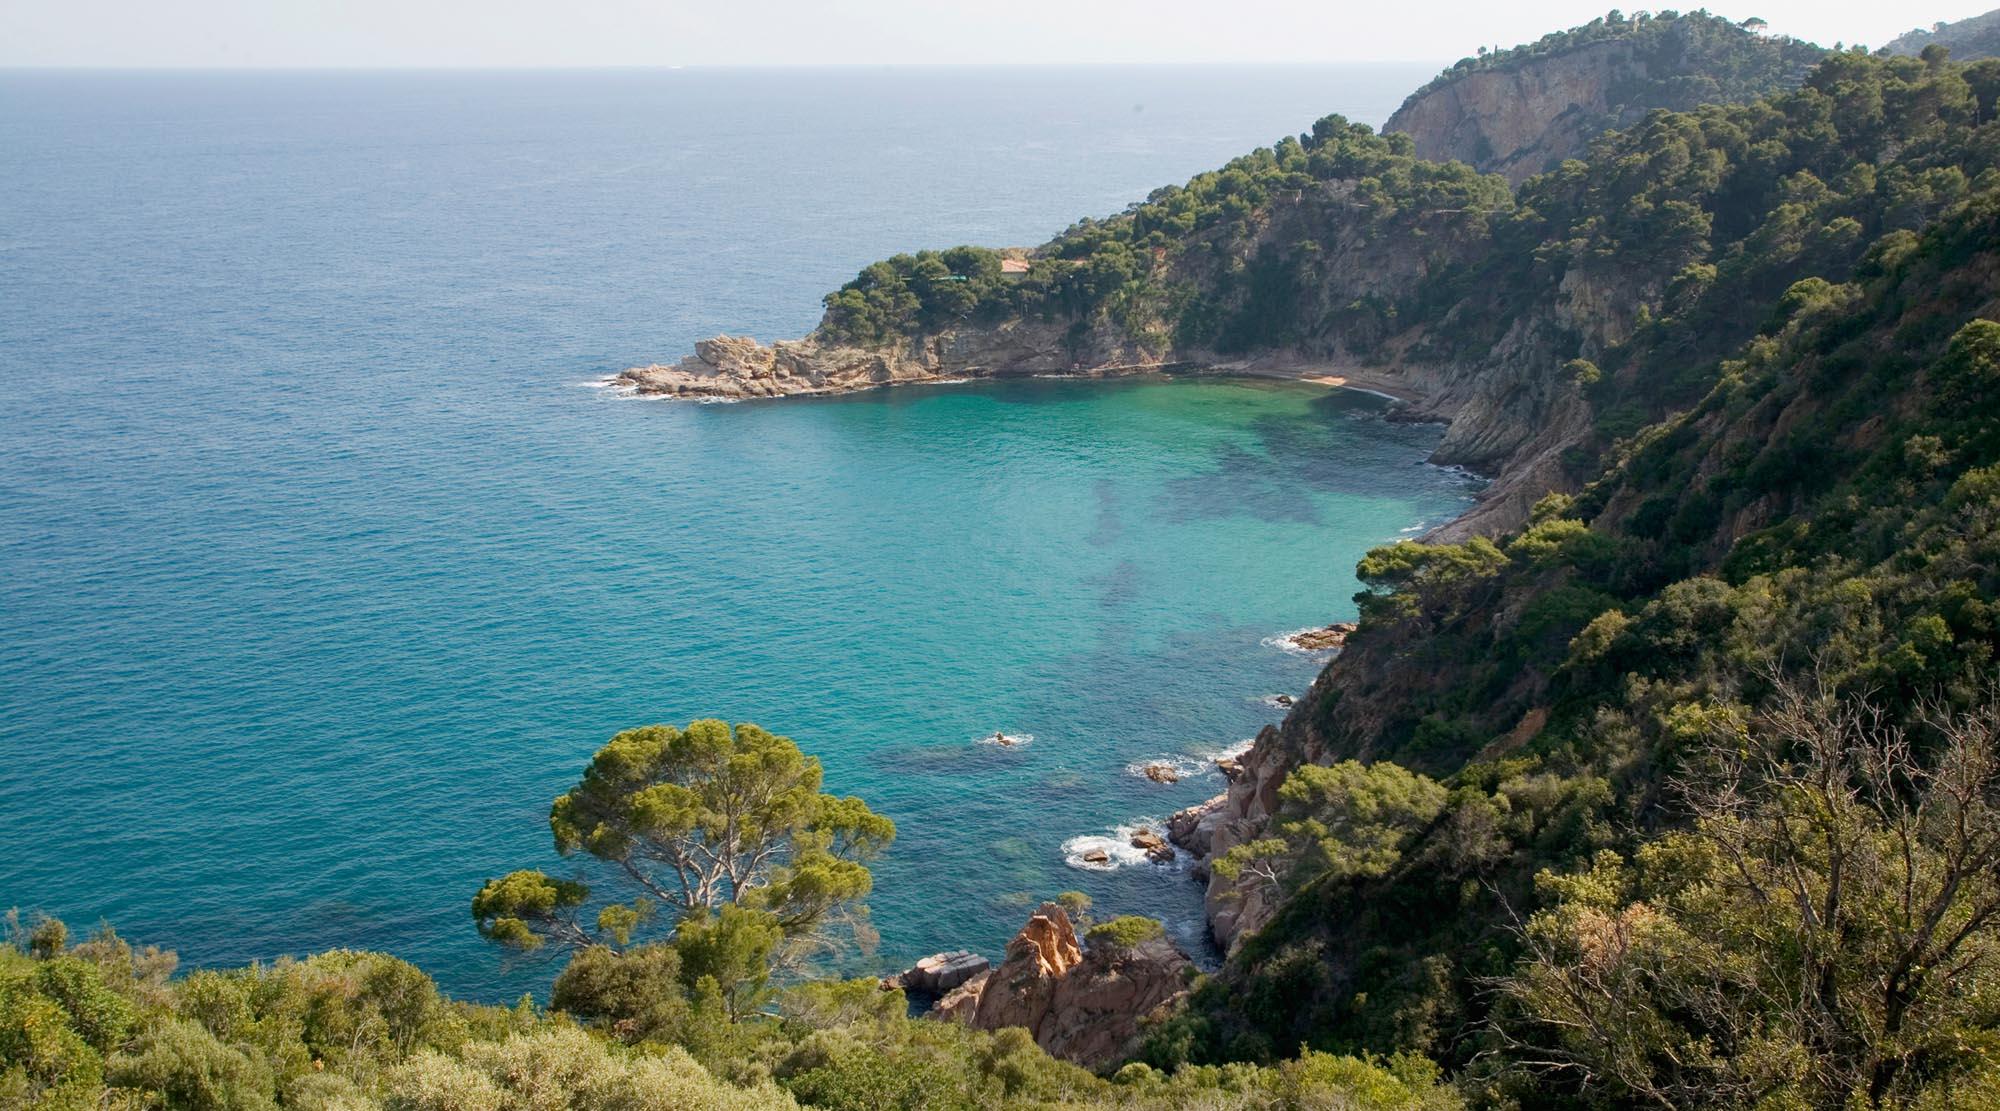 Bootscharter Spanische Küste: Die Costa Brava gilt als einer der schönsten Küstenabschnitte Spaniens